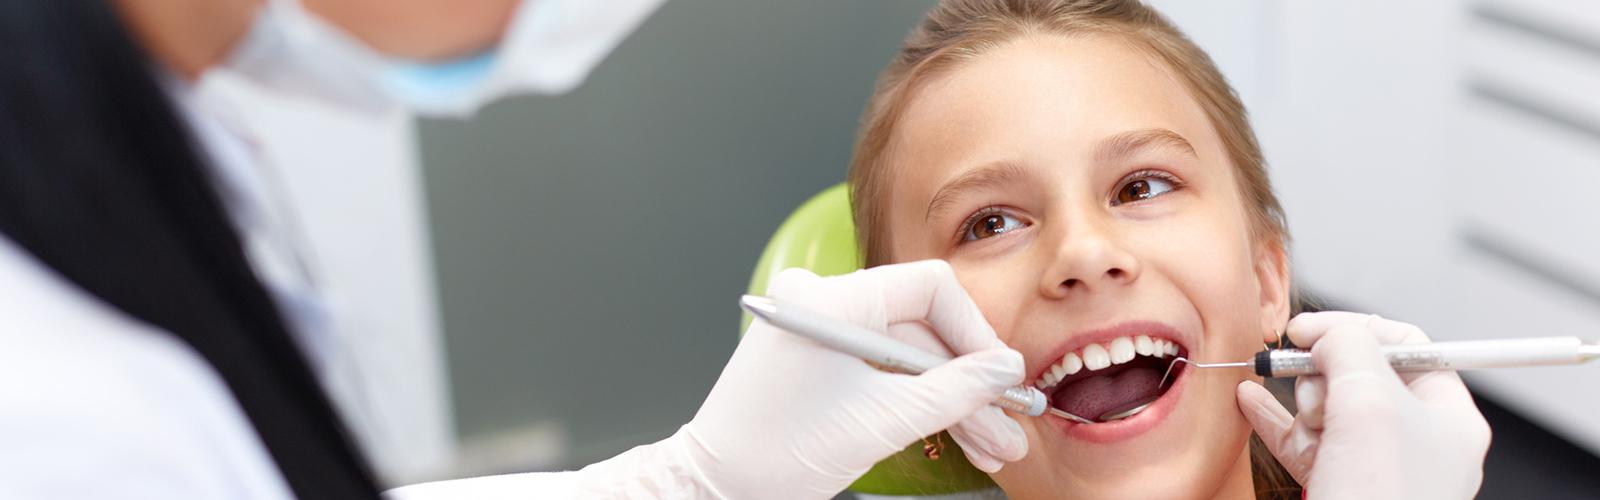 Dziecko podczas kontroli stomatologicznej